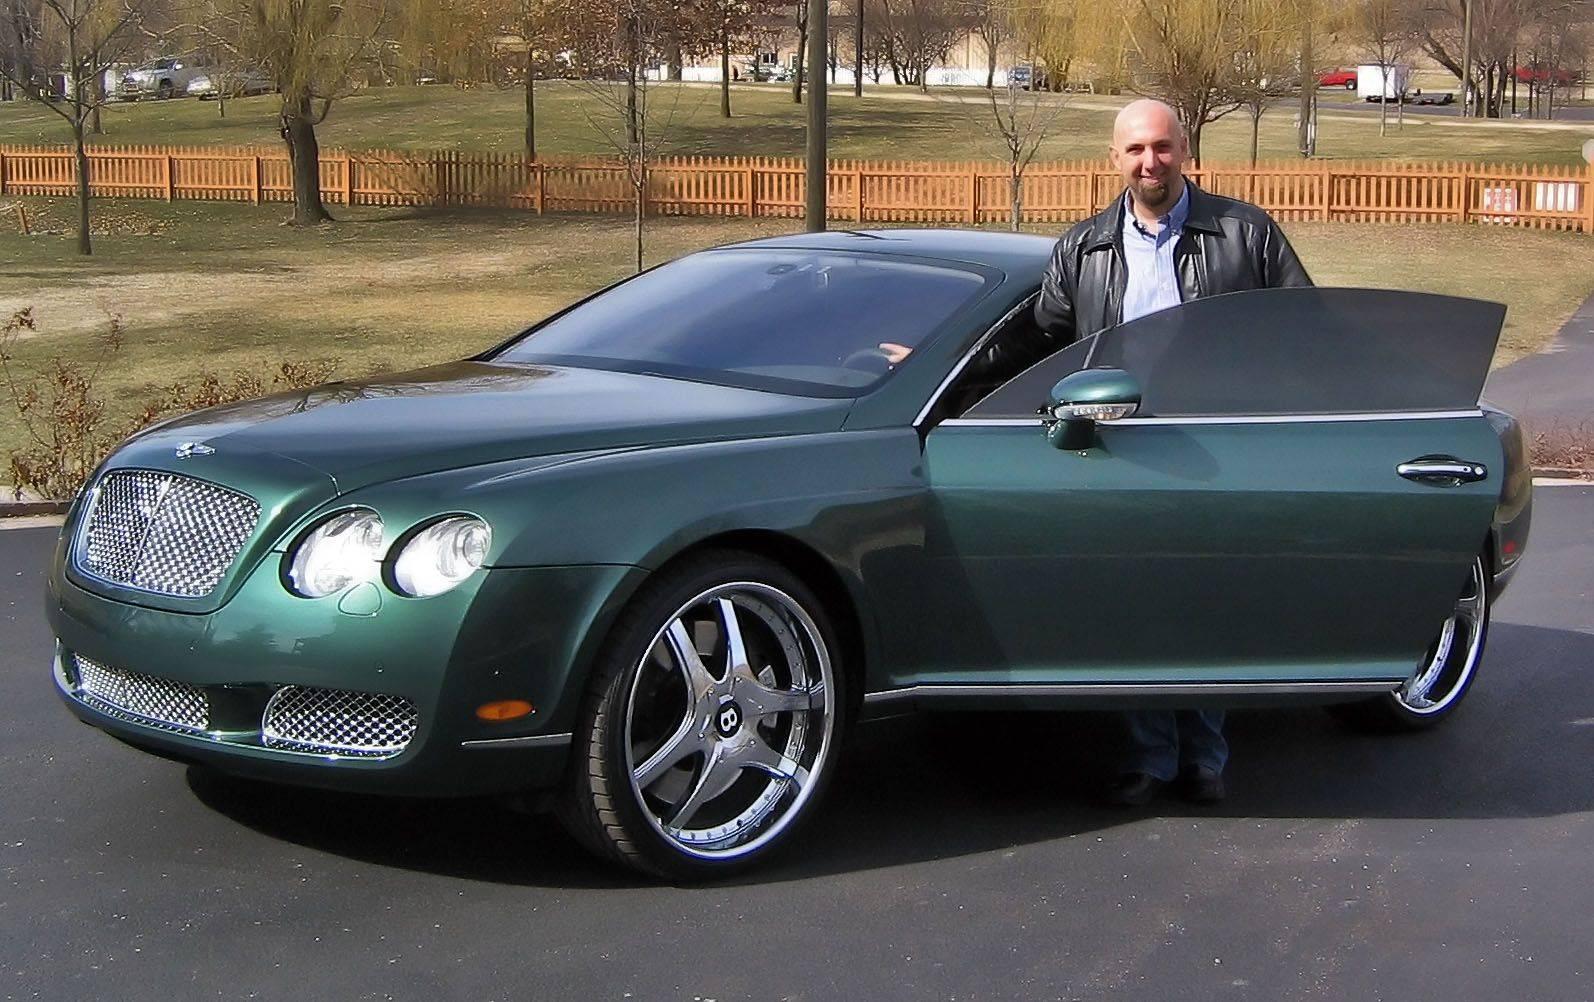 Jordan S Bentley Is Volo Museum S Newest Addition